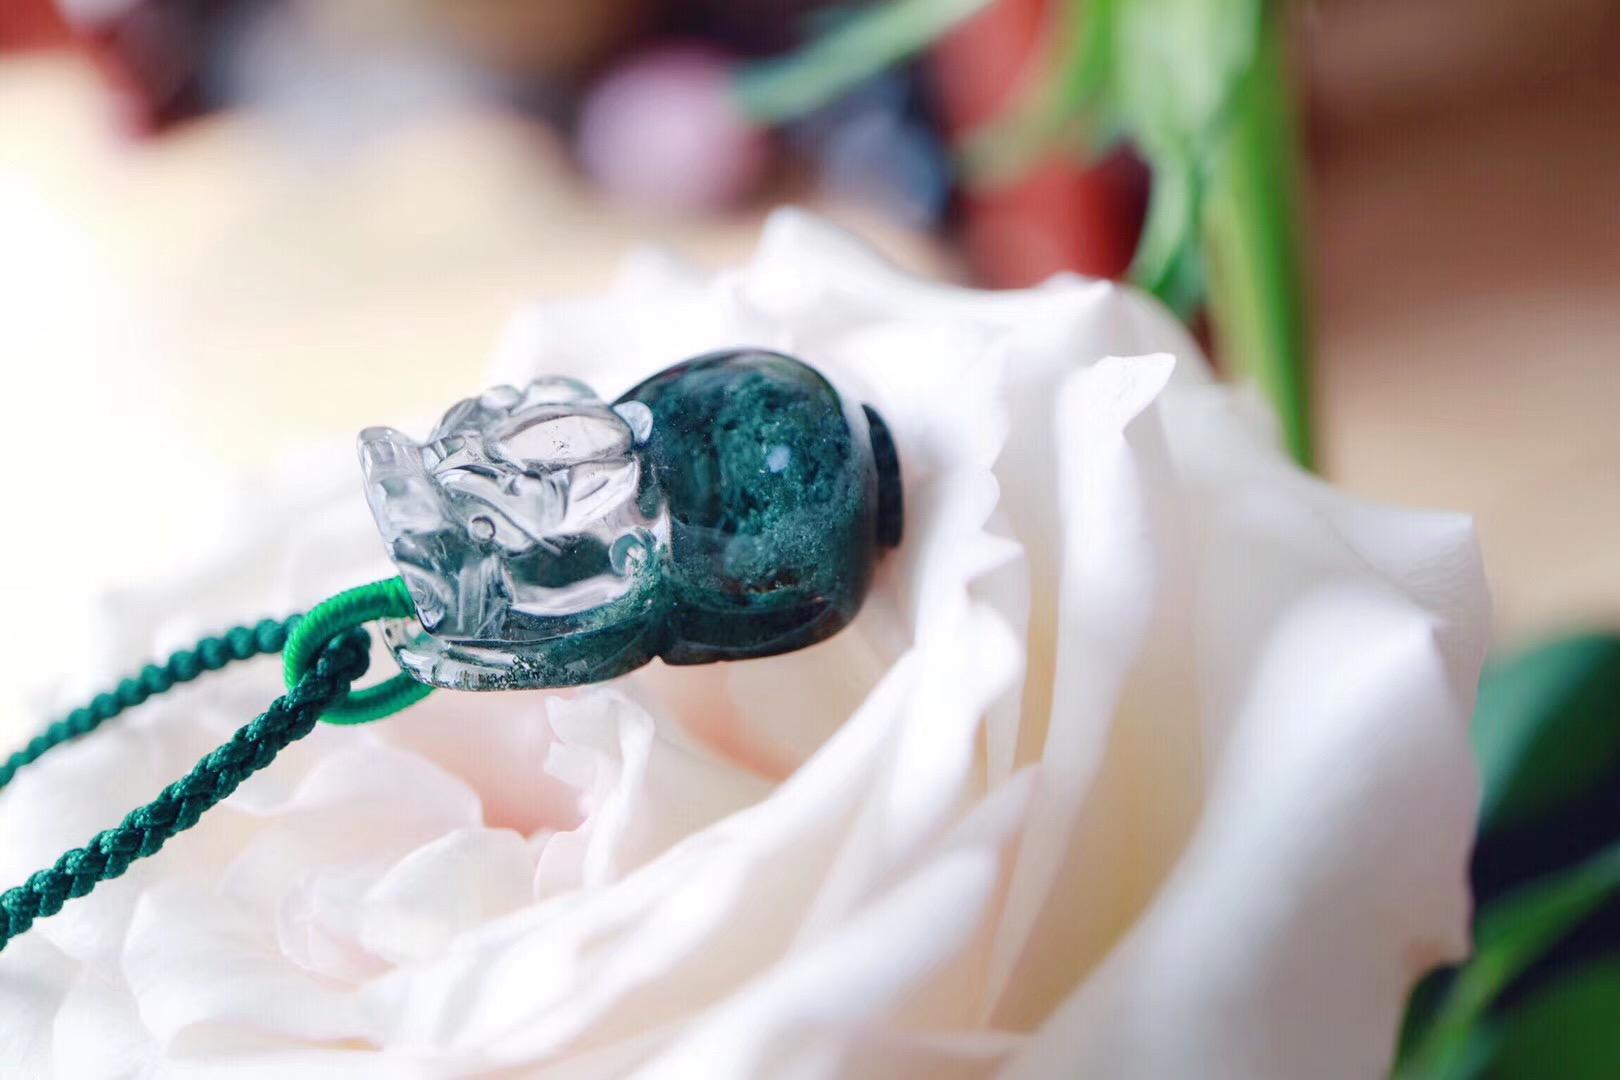 【菩心   绿幽灵】墨绿色的绿幽灵代表着大地对心轮的强力疗愈-菩心晶舍